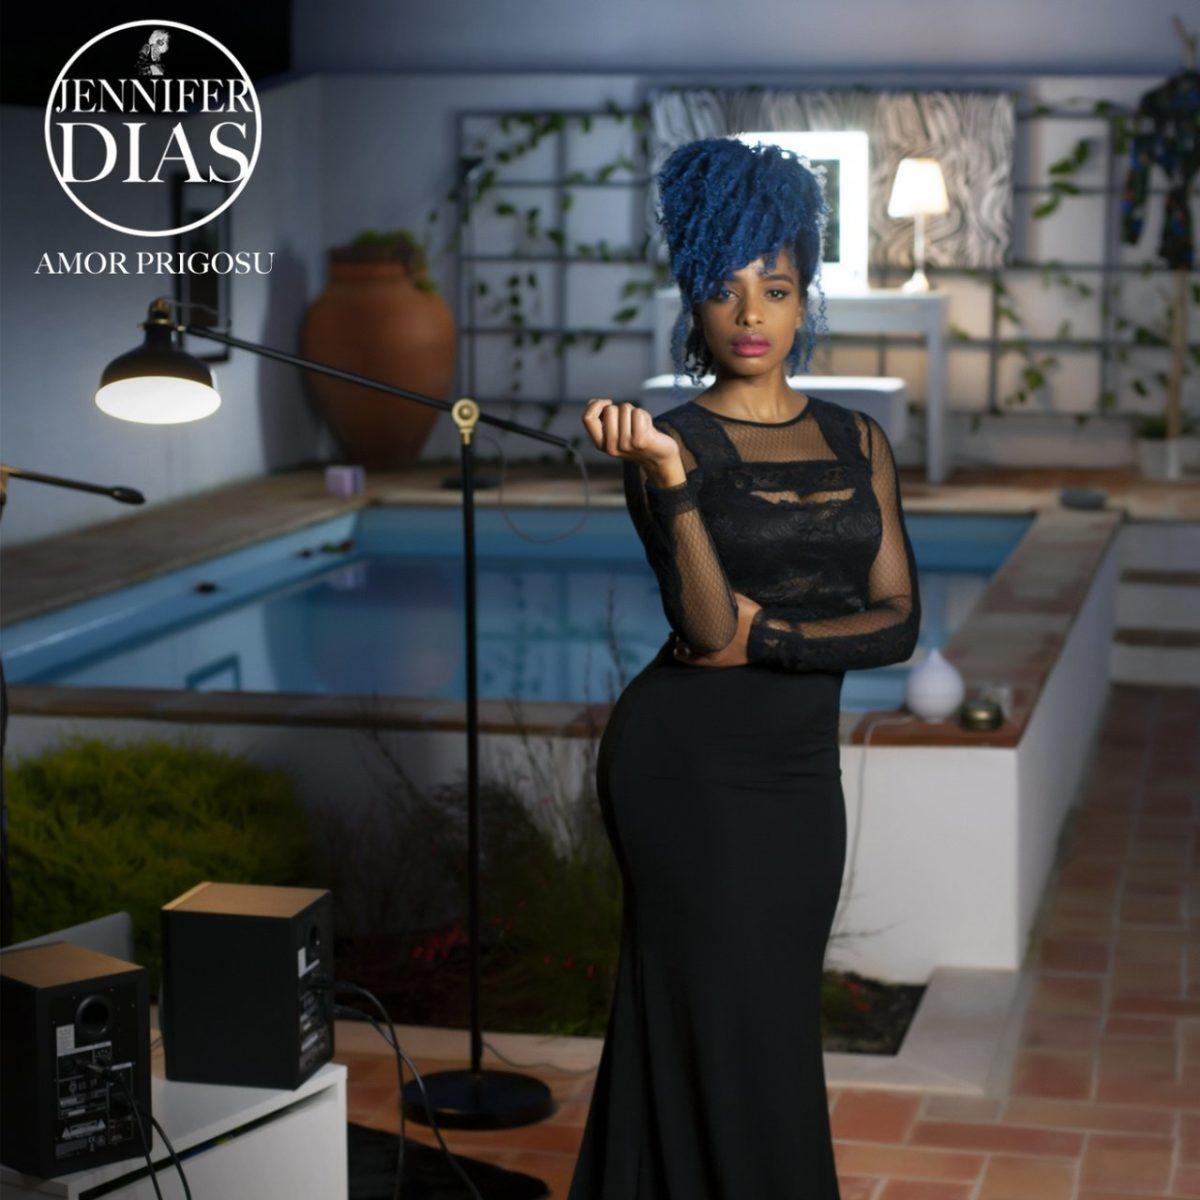 Jennifer Dias - Amor Prigosu (Cover)